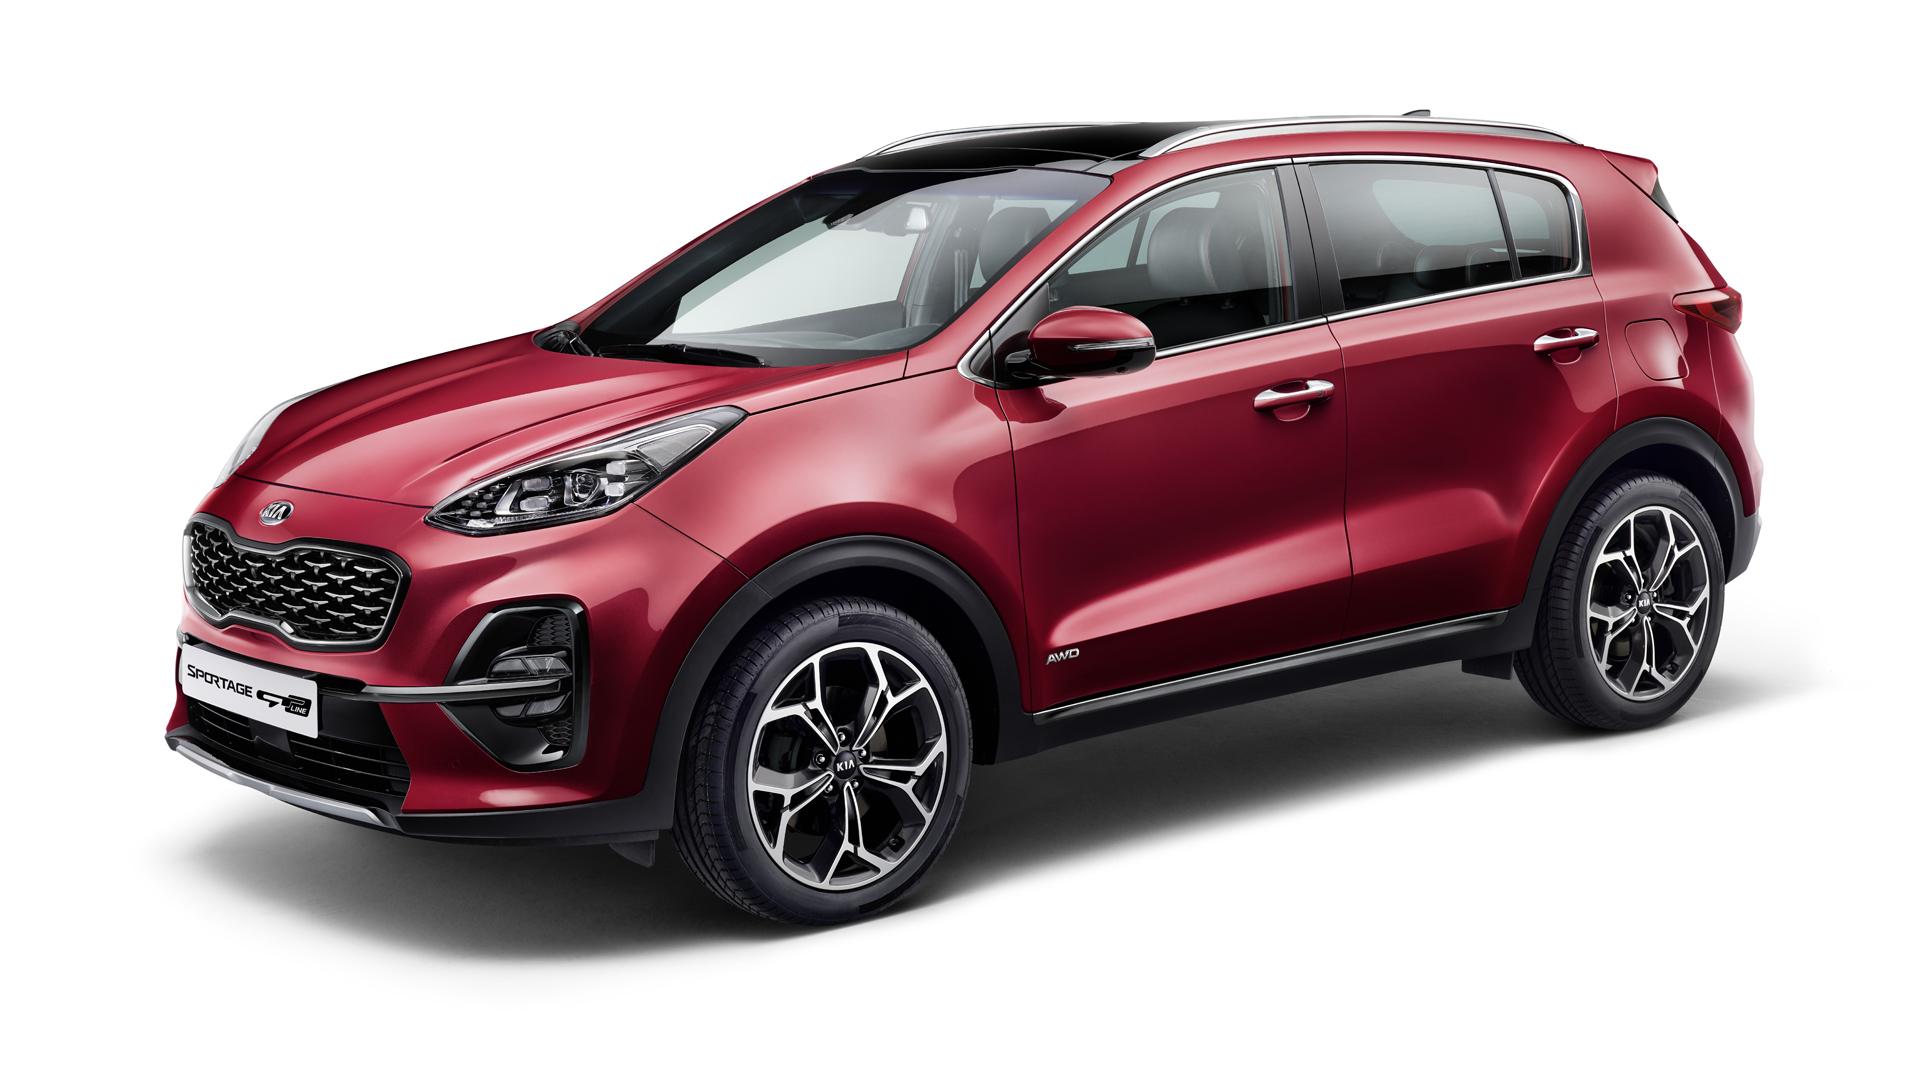 Vynovená Kia Sportage smild-hybridným vznetovým pohonom či novými technológiami